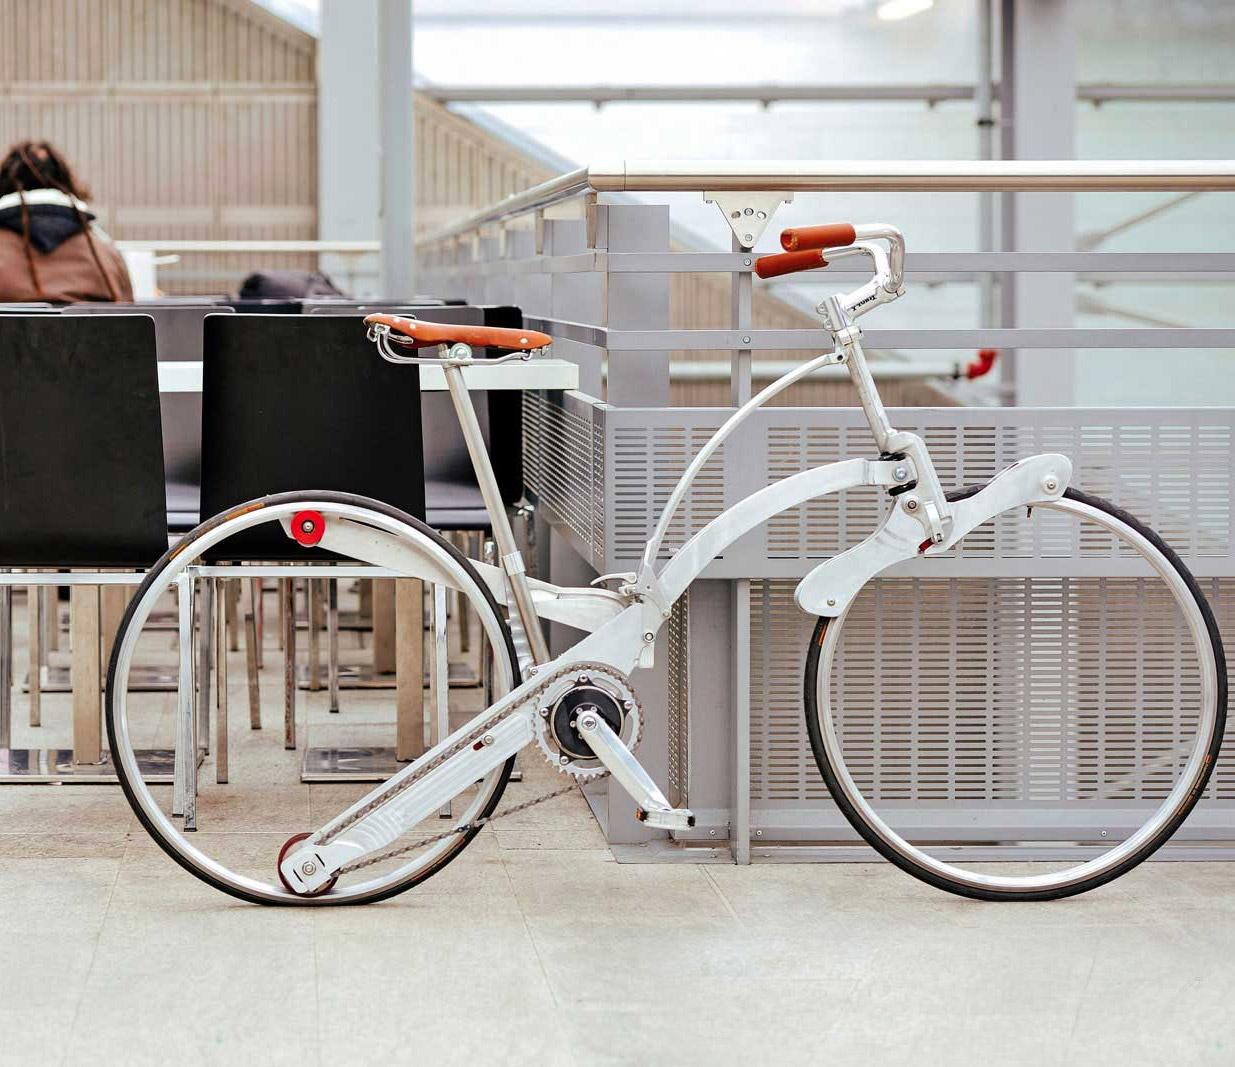 sada-bike-gianluca-sada-04